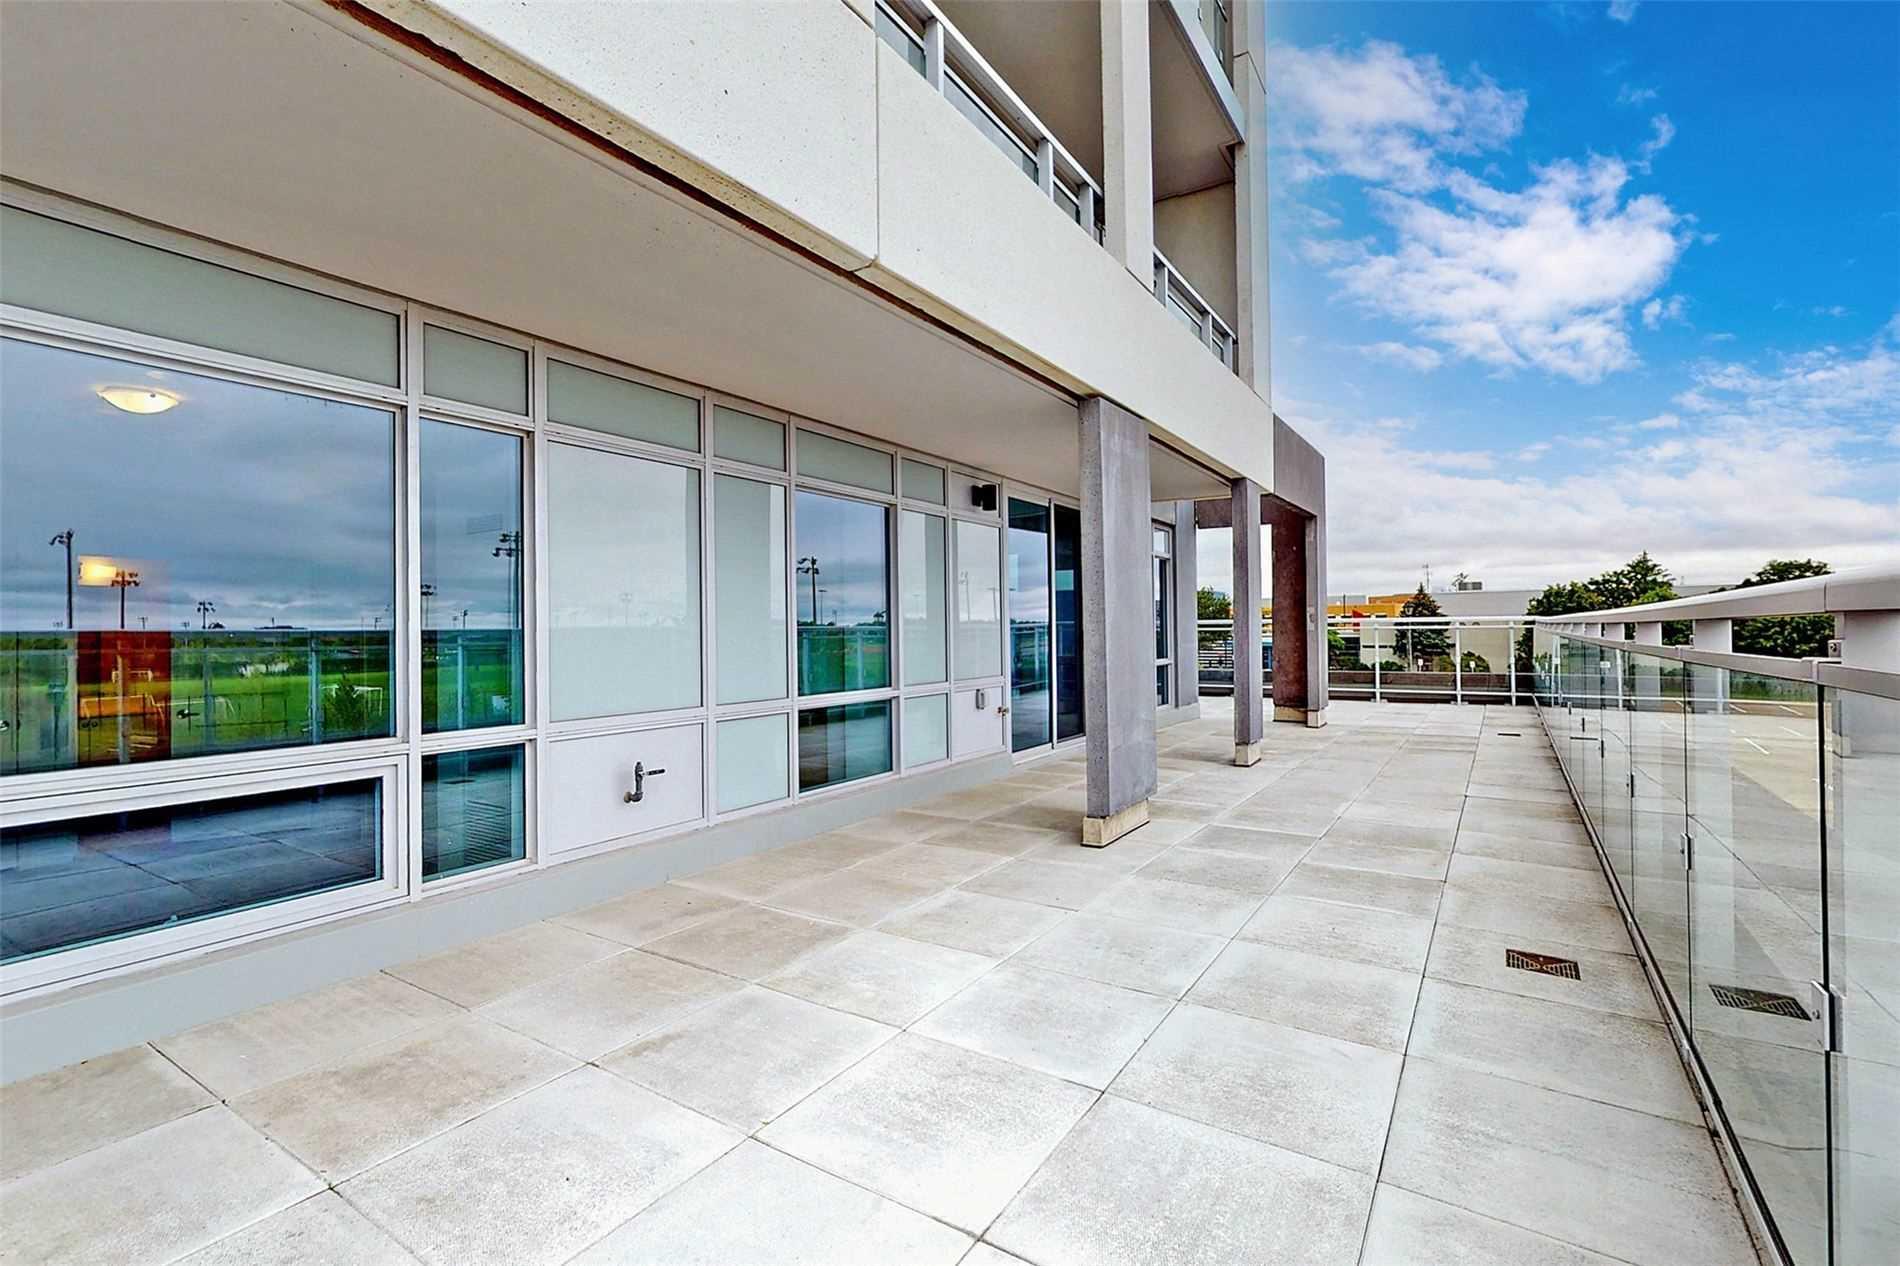 221 - 1050 Main St E - Dempsey Condo Apt for sale, 3 Bedrooms (W5398557) - #31